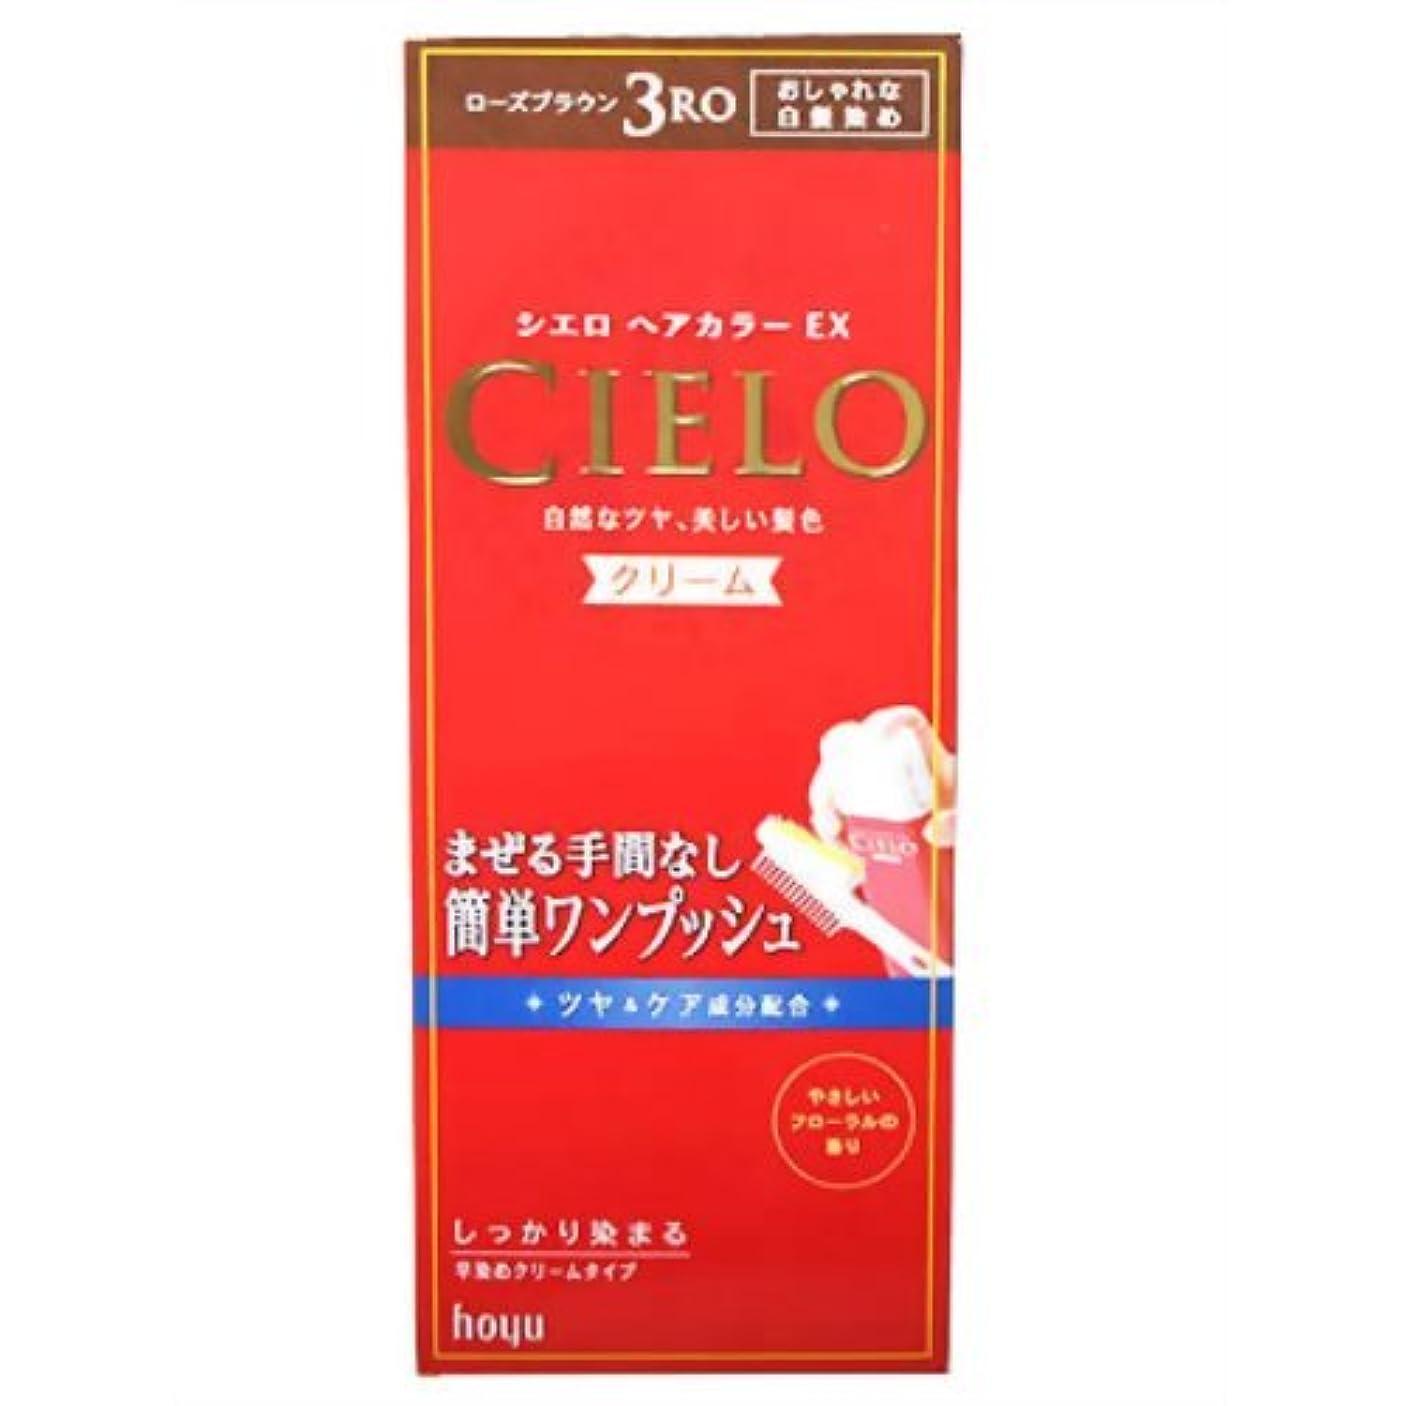 シエロ ヘアカラ-EX クリ-ム 3RO ロ-ズブラウン